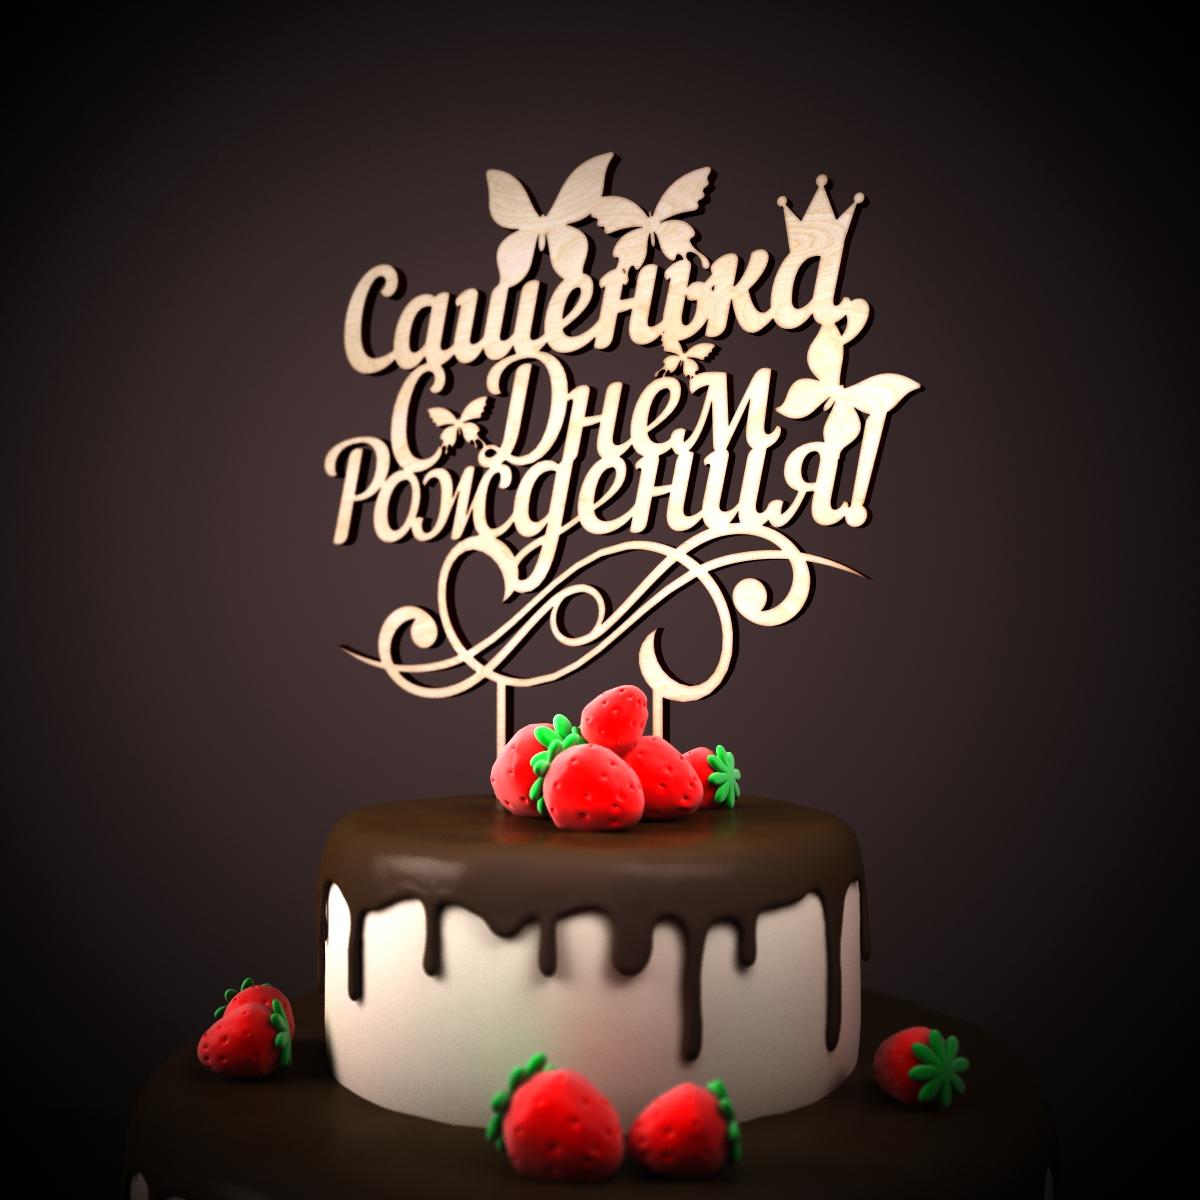 Поздравления с днем рождения саньке